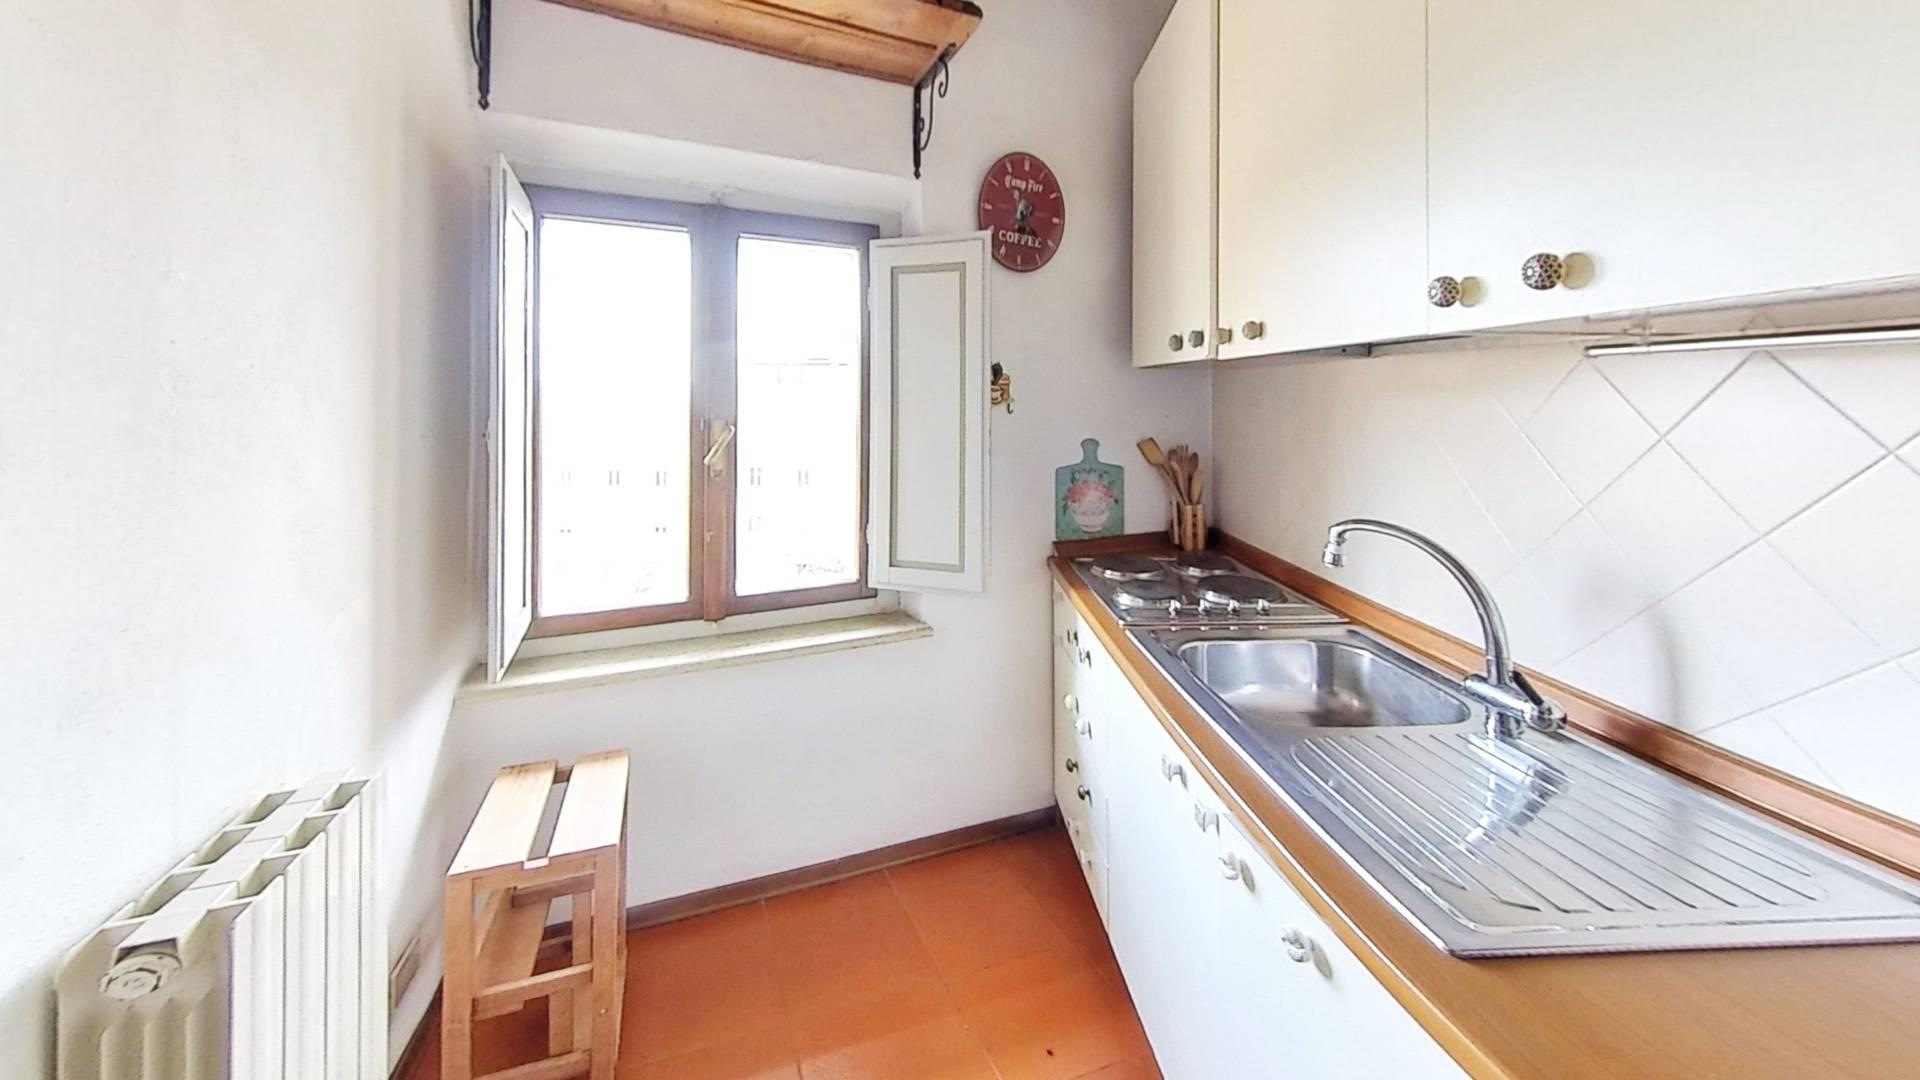 Appartamento in Vendita a Siena: 3 locali, 100 mq - Foto 6